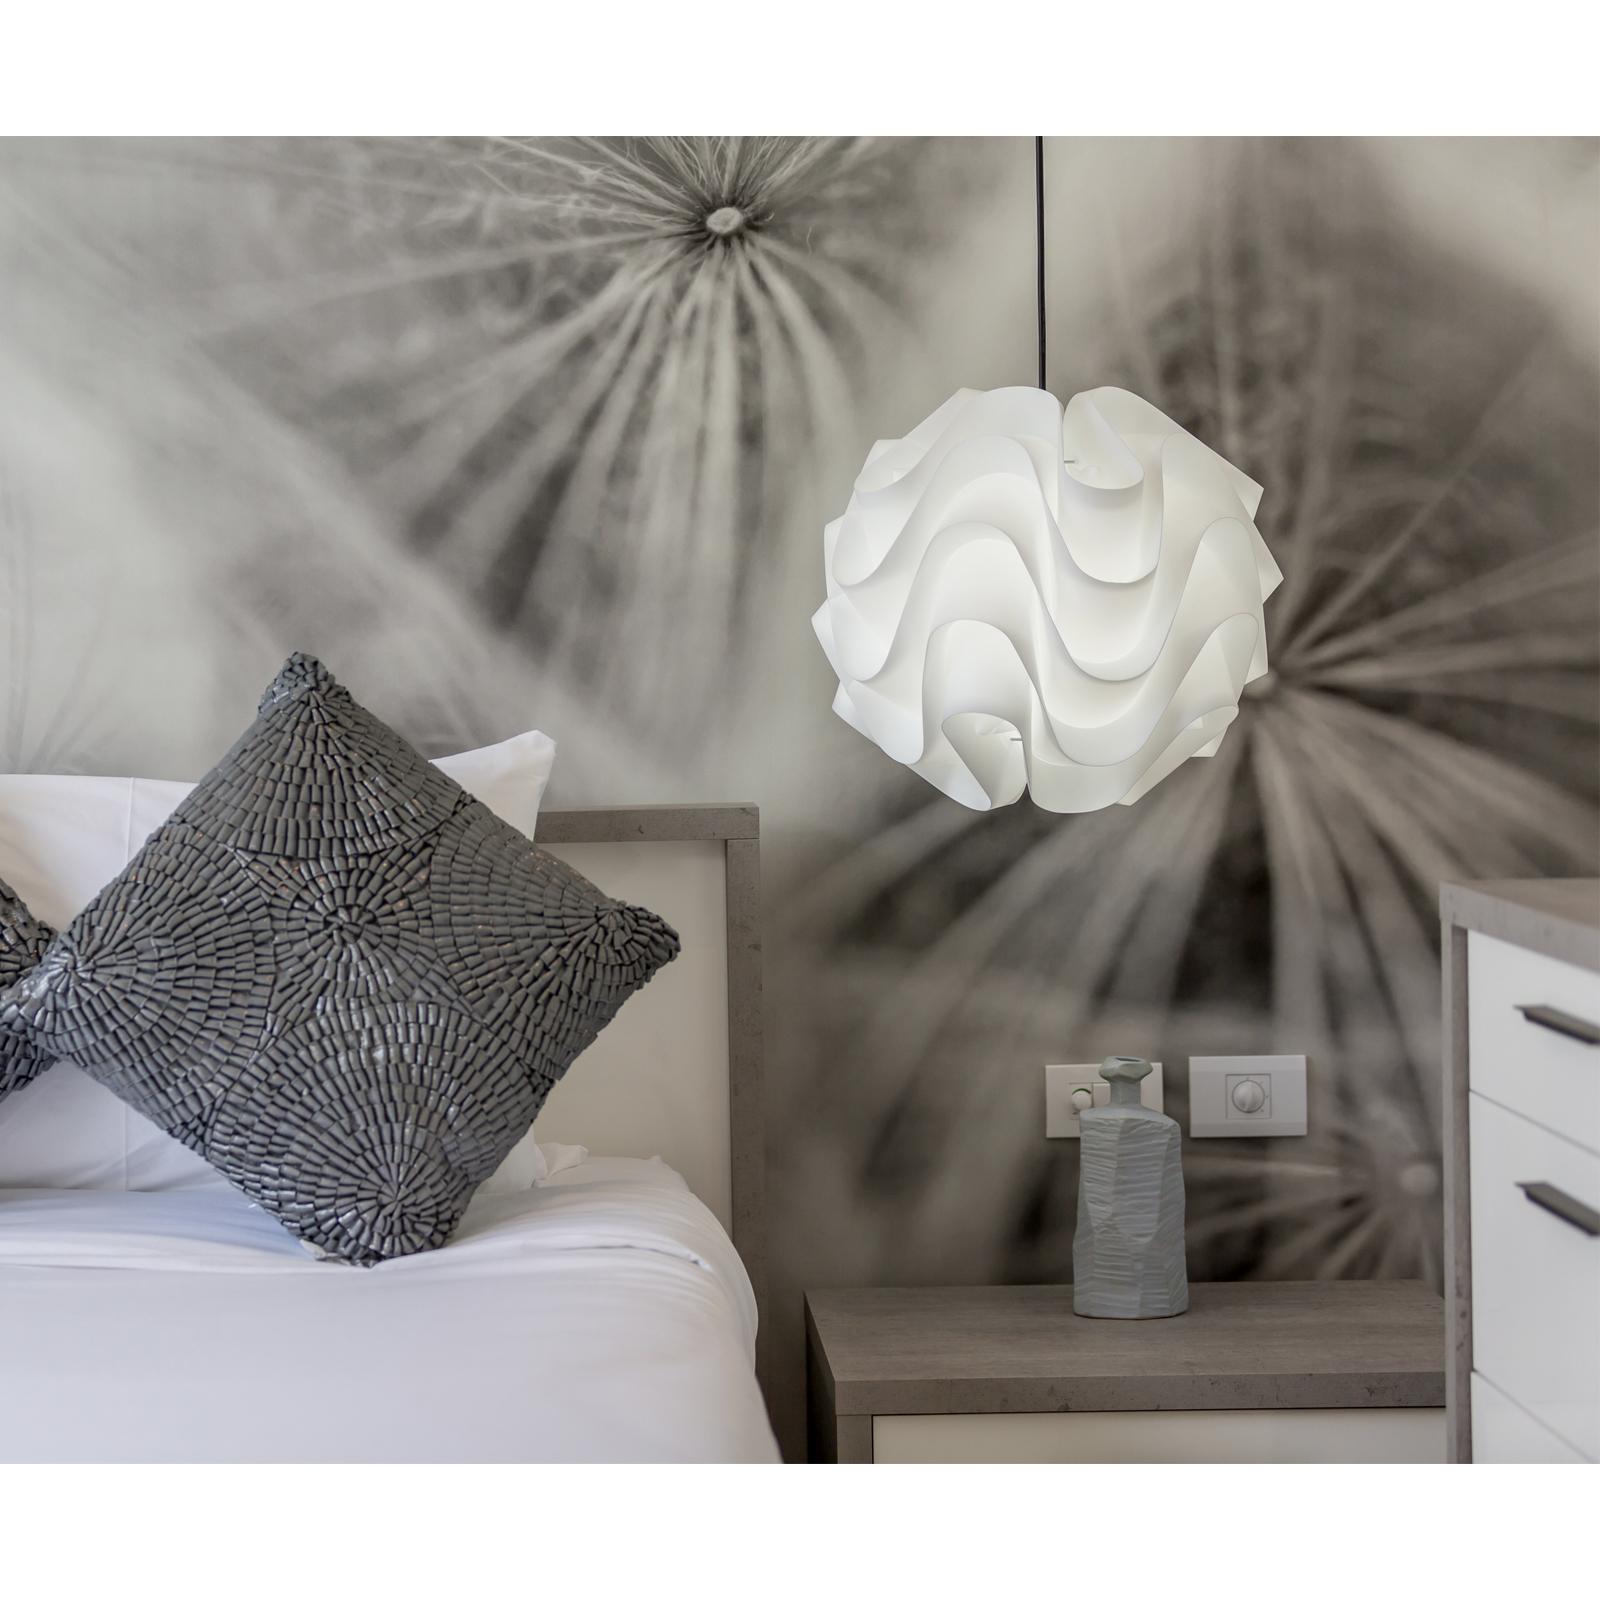 Lámpara ola - decoración dormitorio